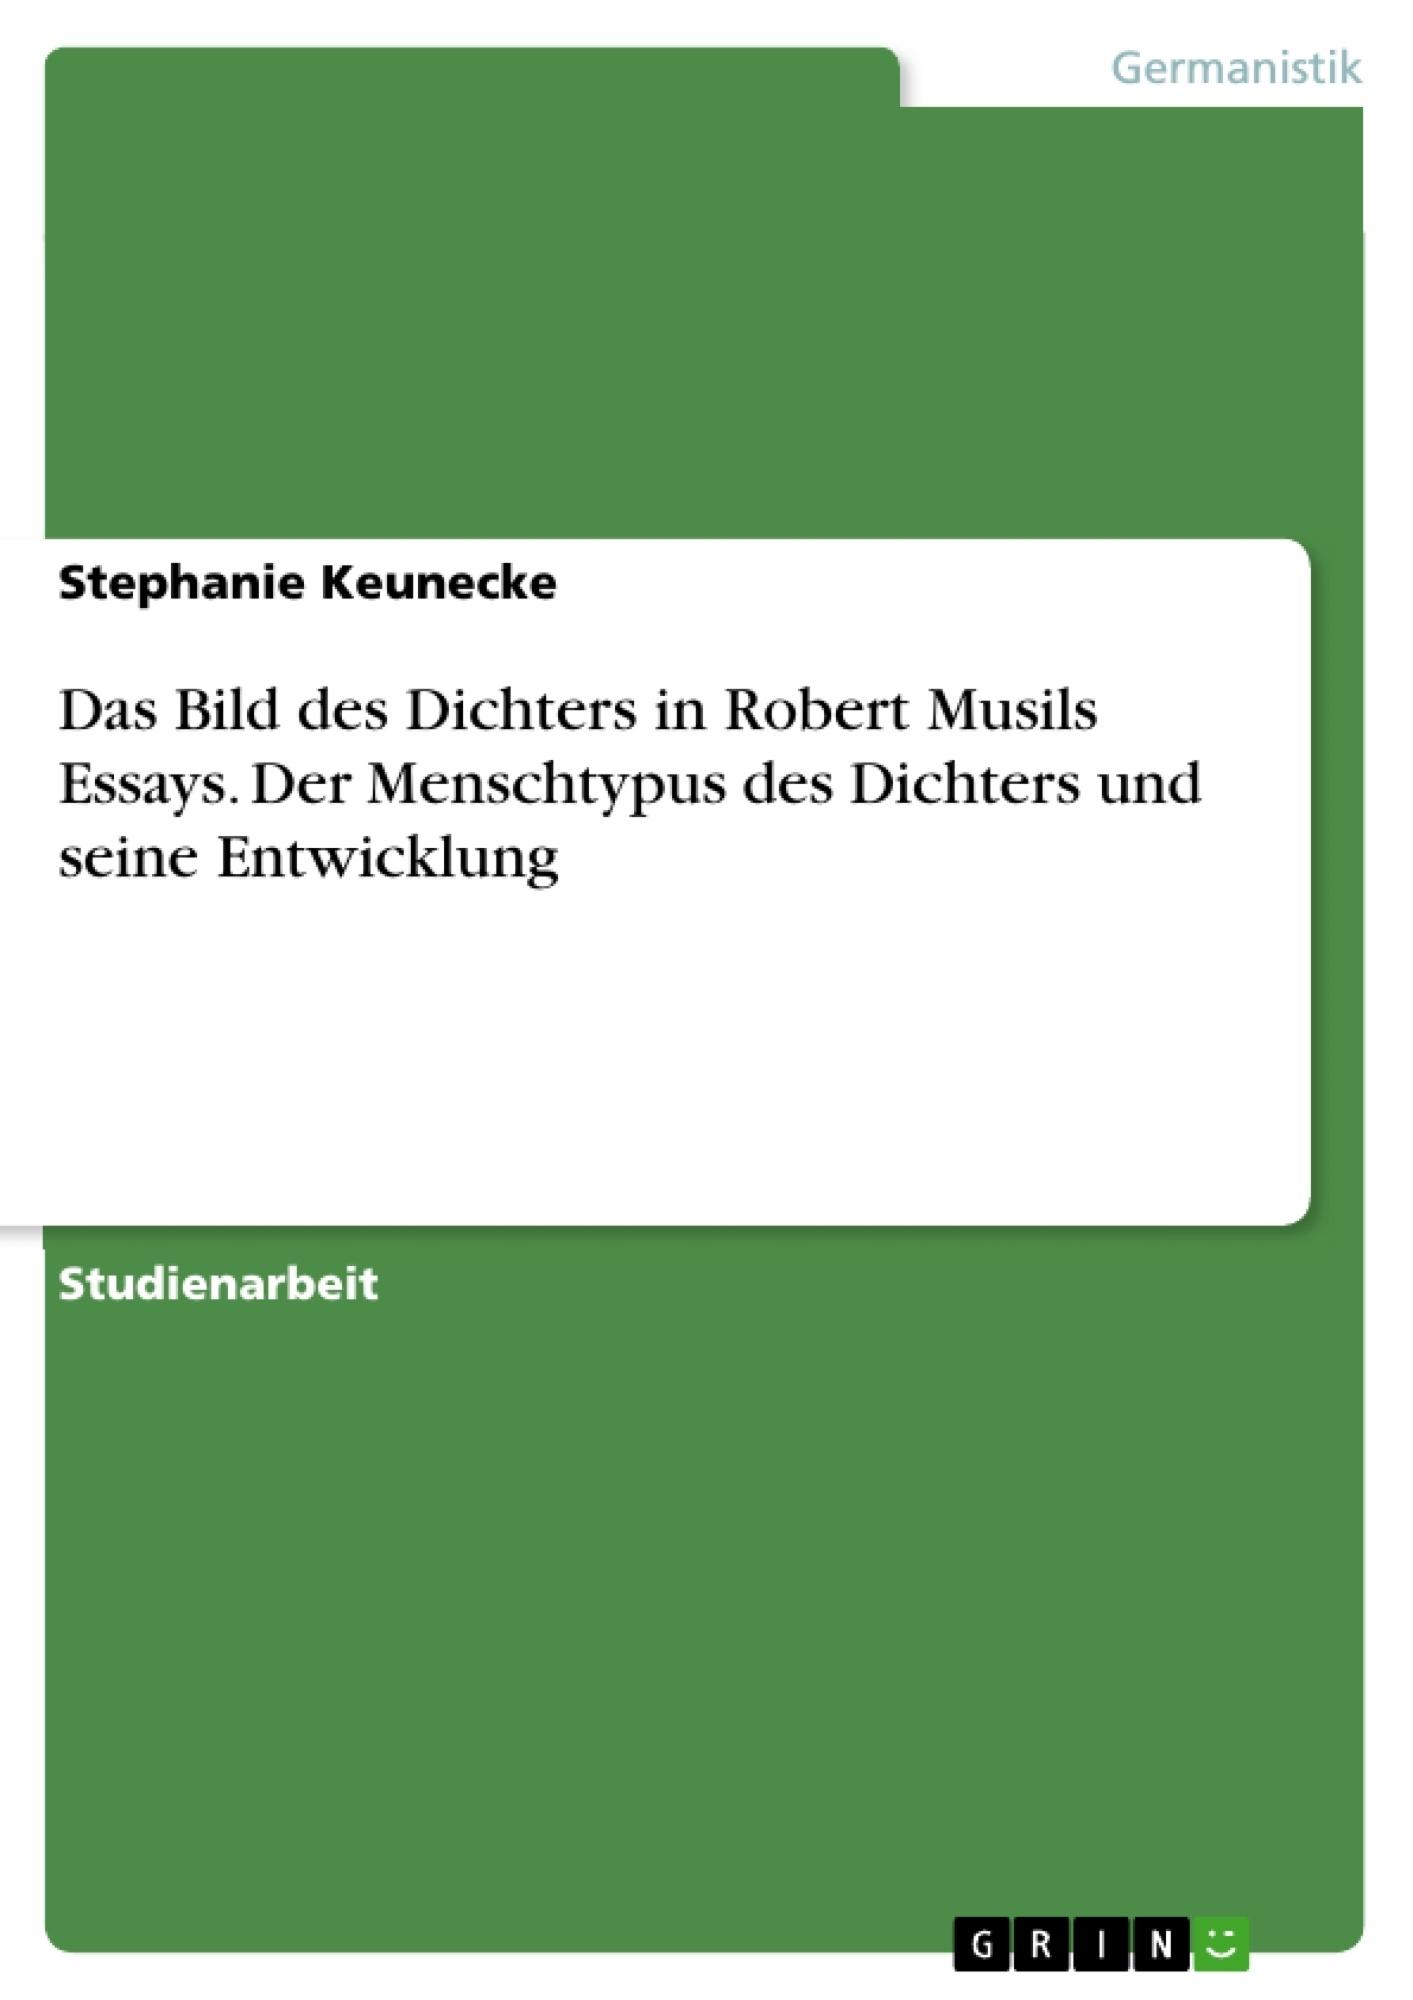 Titel: Das Bild des Dichters in Robert Musils Essays.  Der Menschtypus des Dichters und seine Entwicklung